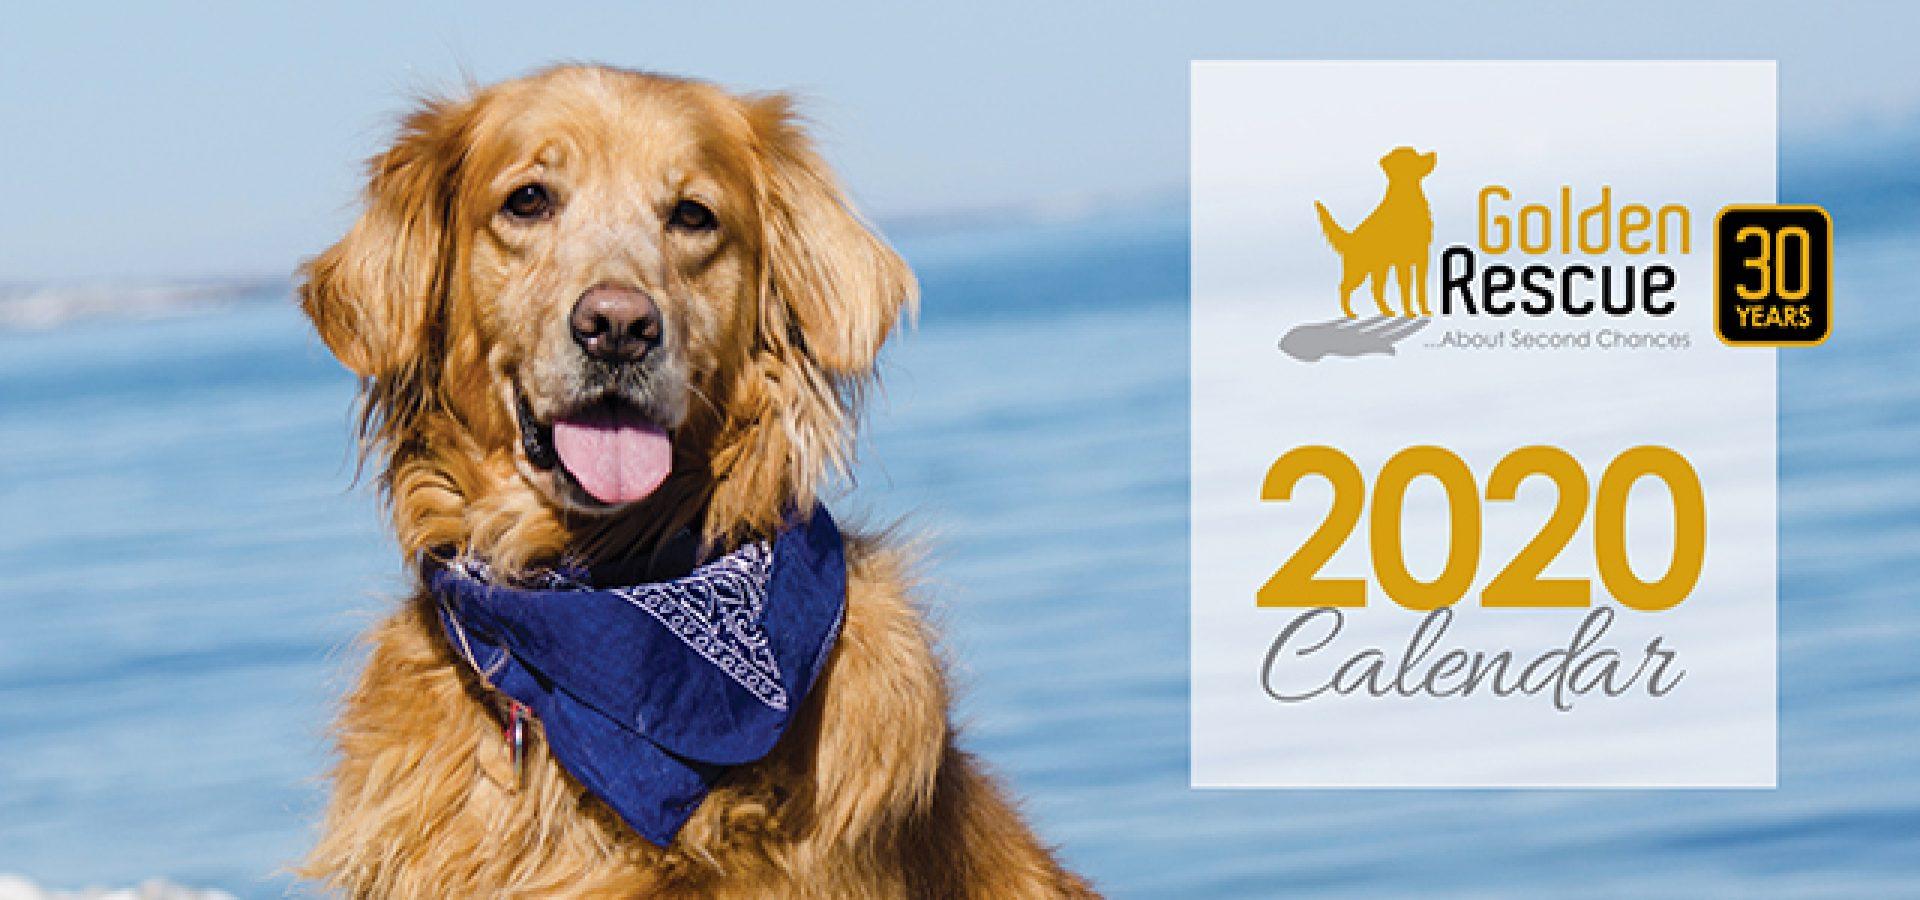 2020 Calendar Now Available